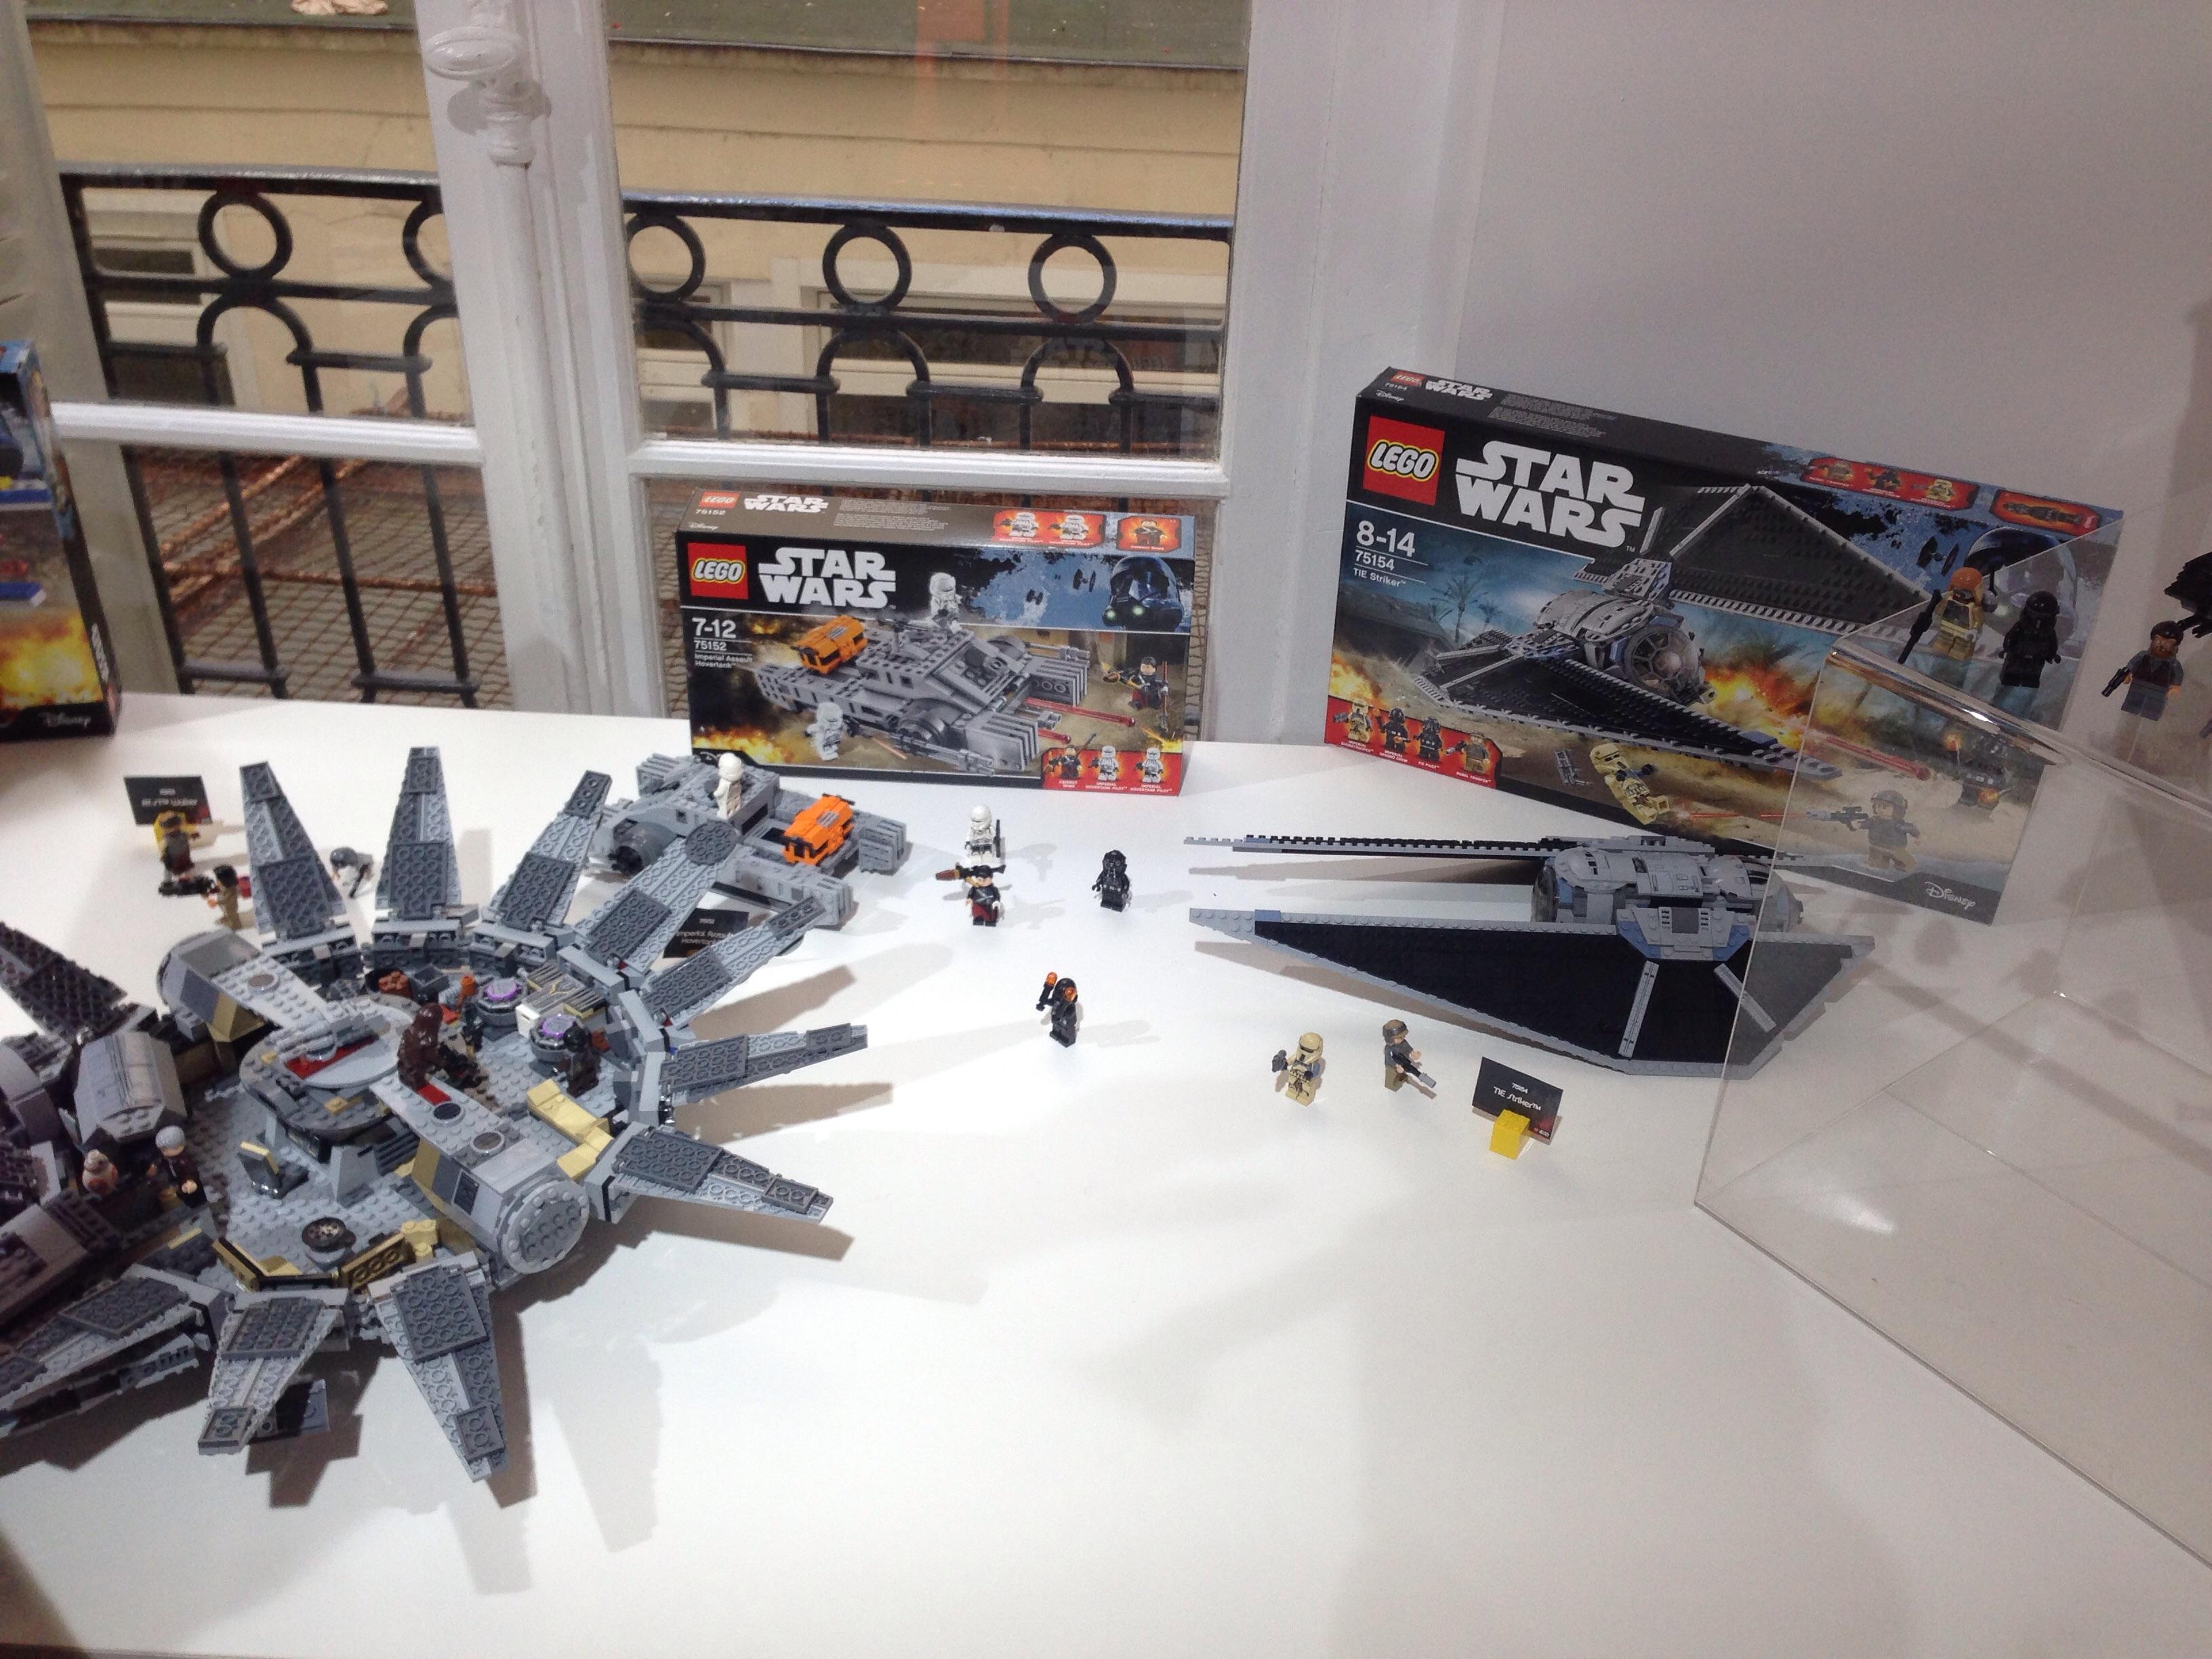 LEGO STAR WARS - MILLENNIUM FALCON - Référence : 75105 (environ 165 €)